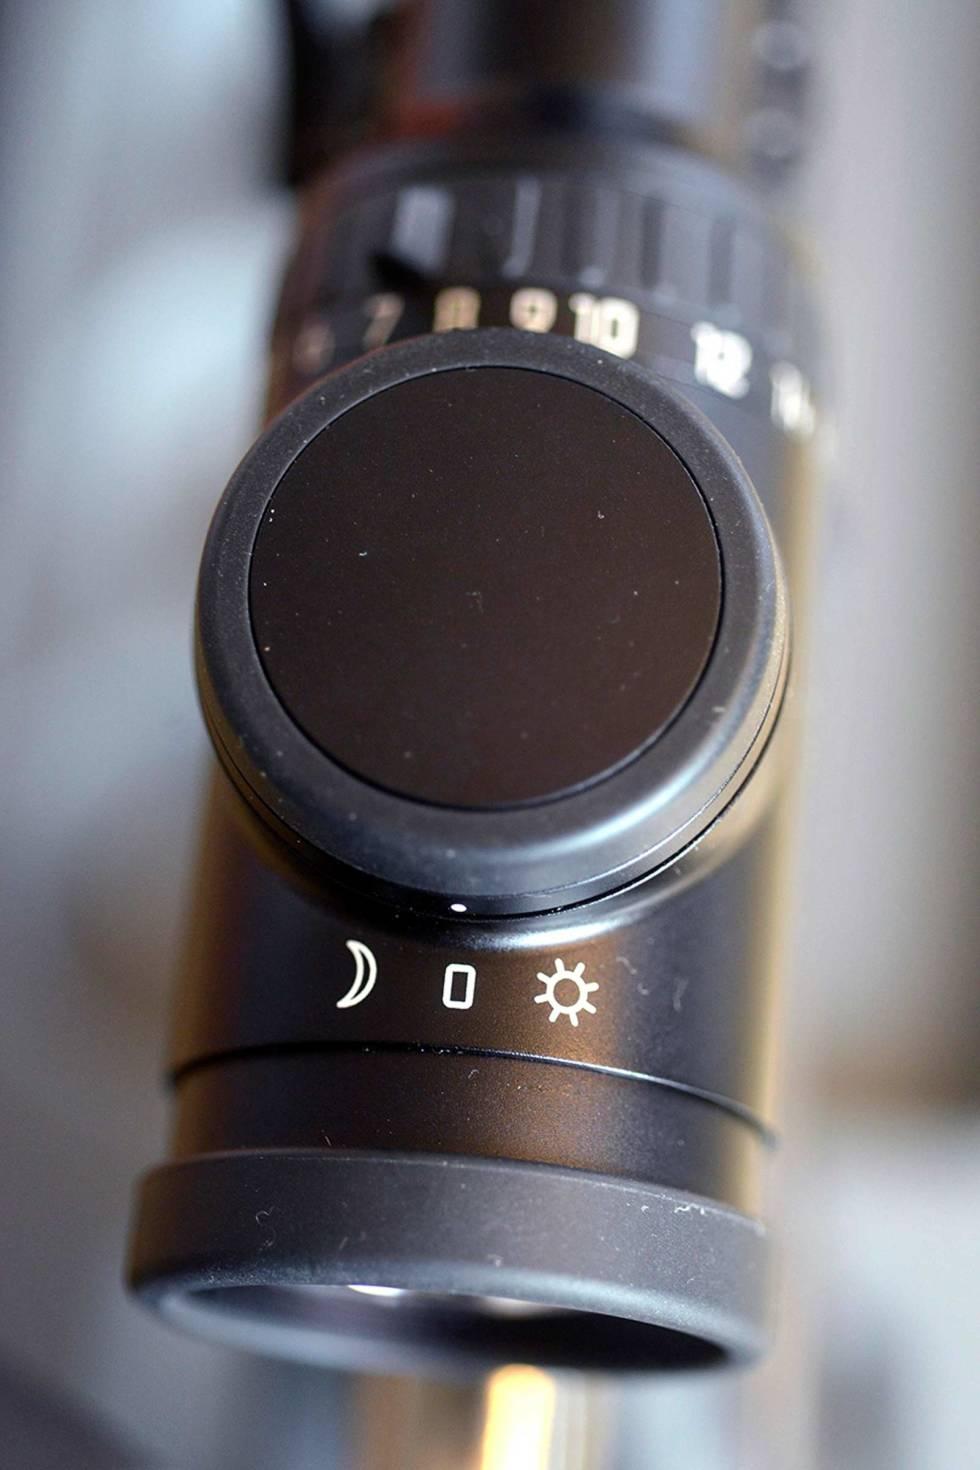 Test-av-Leica-Magnus-kikkertsikte-2